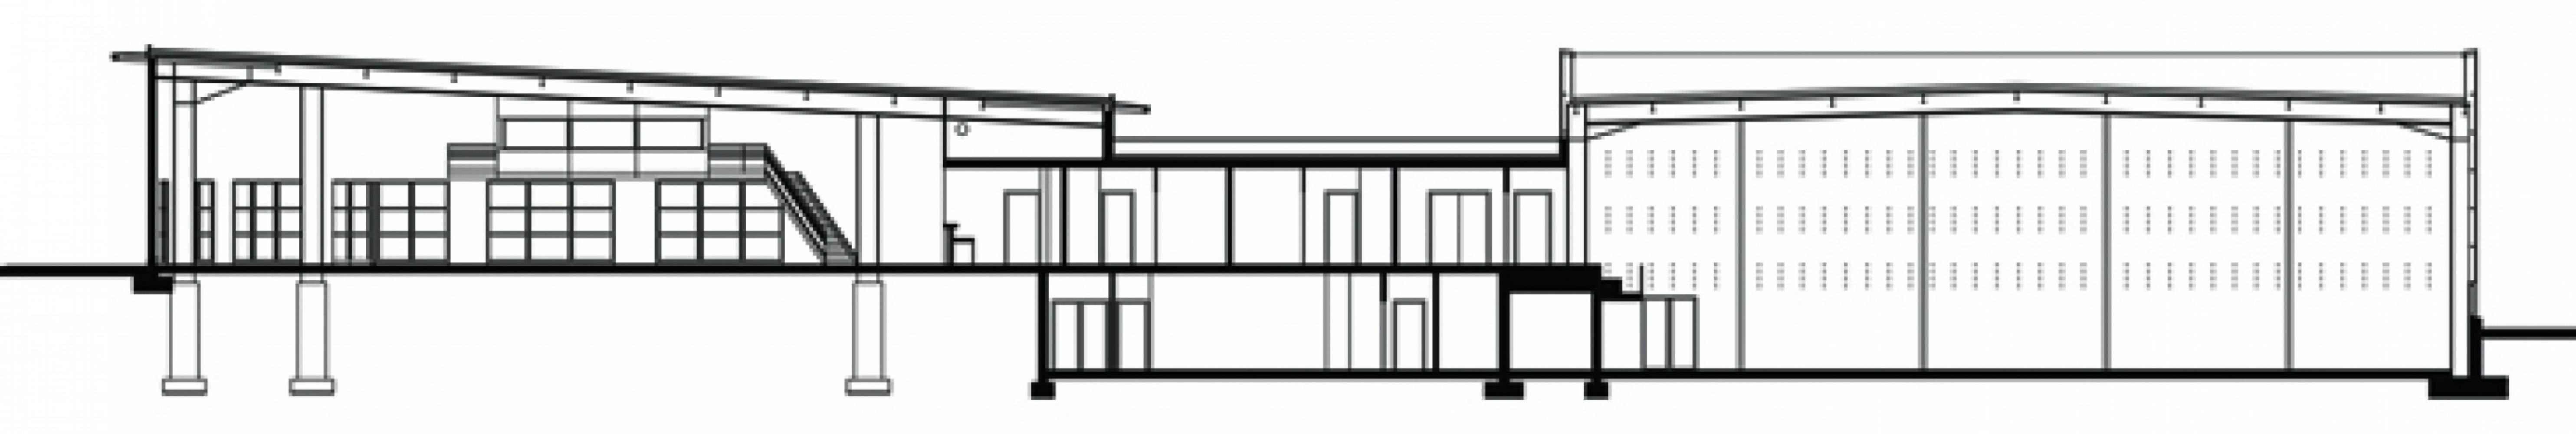 saint_adre01 Pascale SEURIN Architecte - Pascale SEURIN Architecte